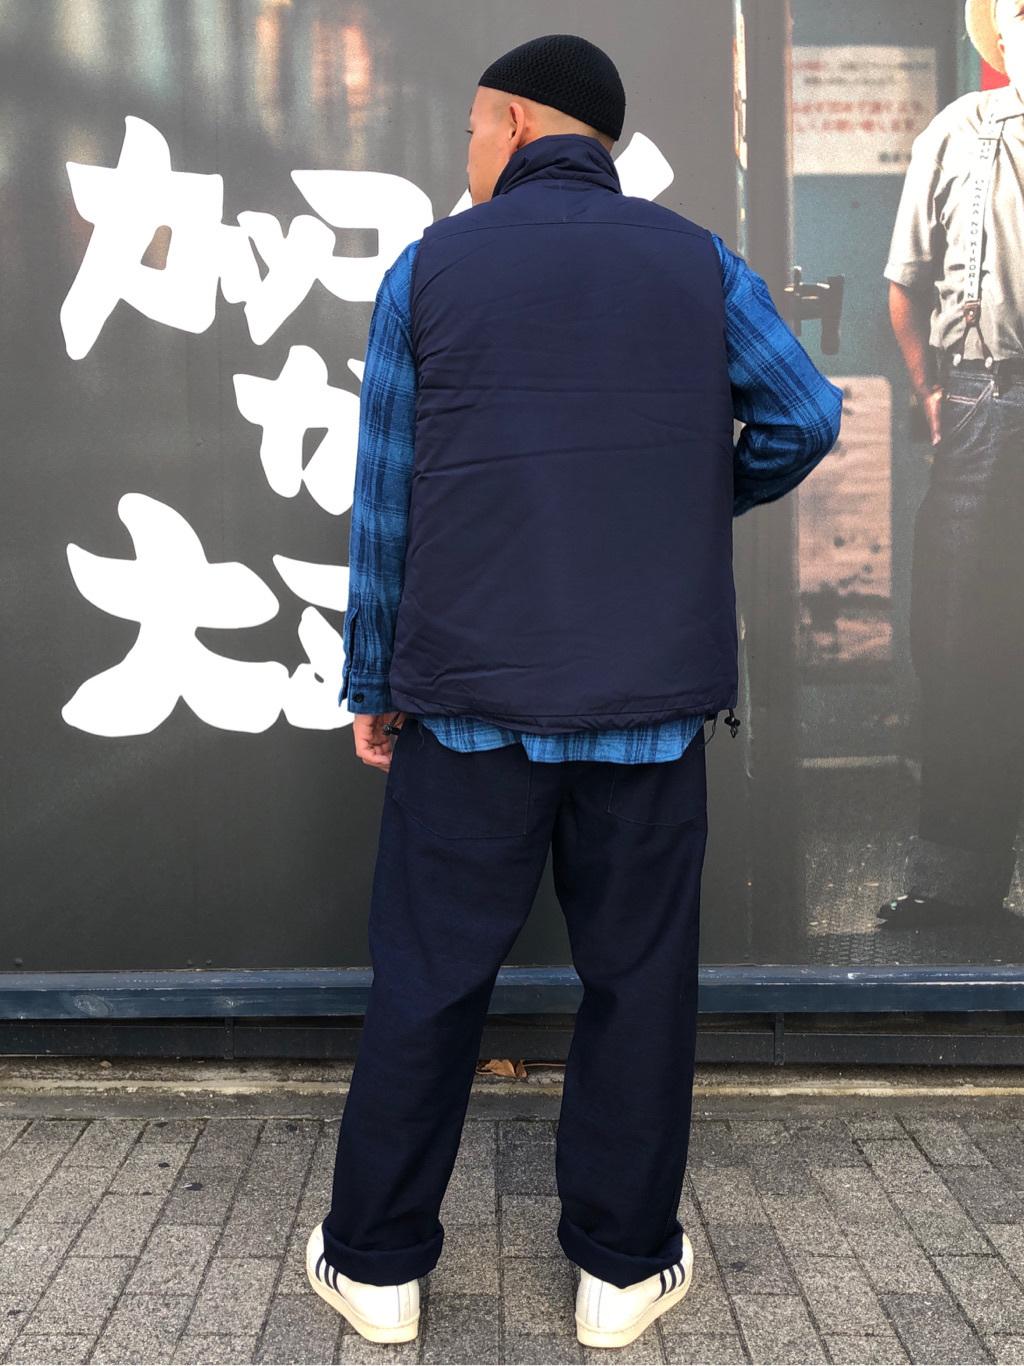 MINAMIHORIE店のカワノショウタさんのEDWINの【コンセプトショップ限定】INDIGO GARMENTS FATIGUE PANTSを使ったコーディネート